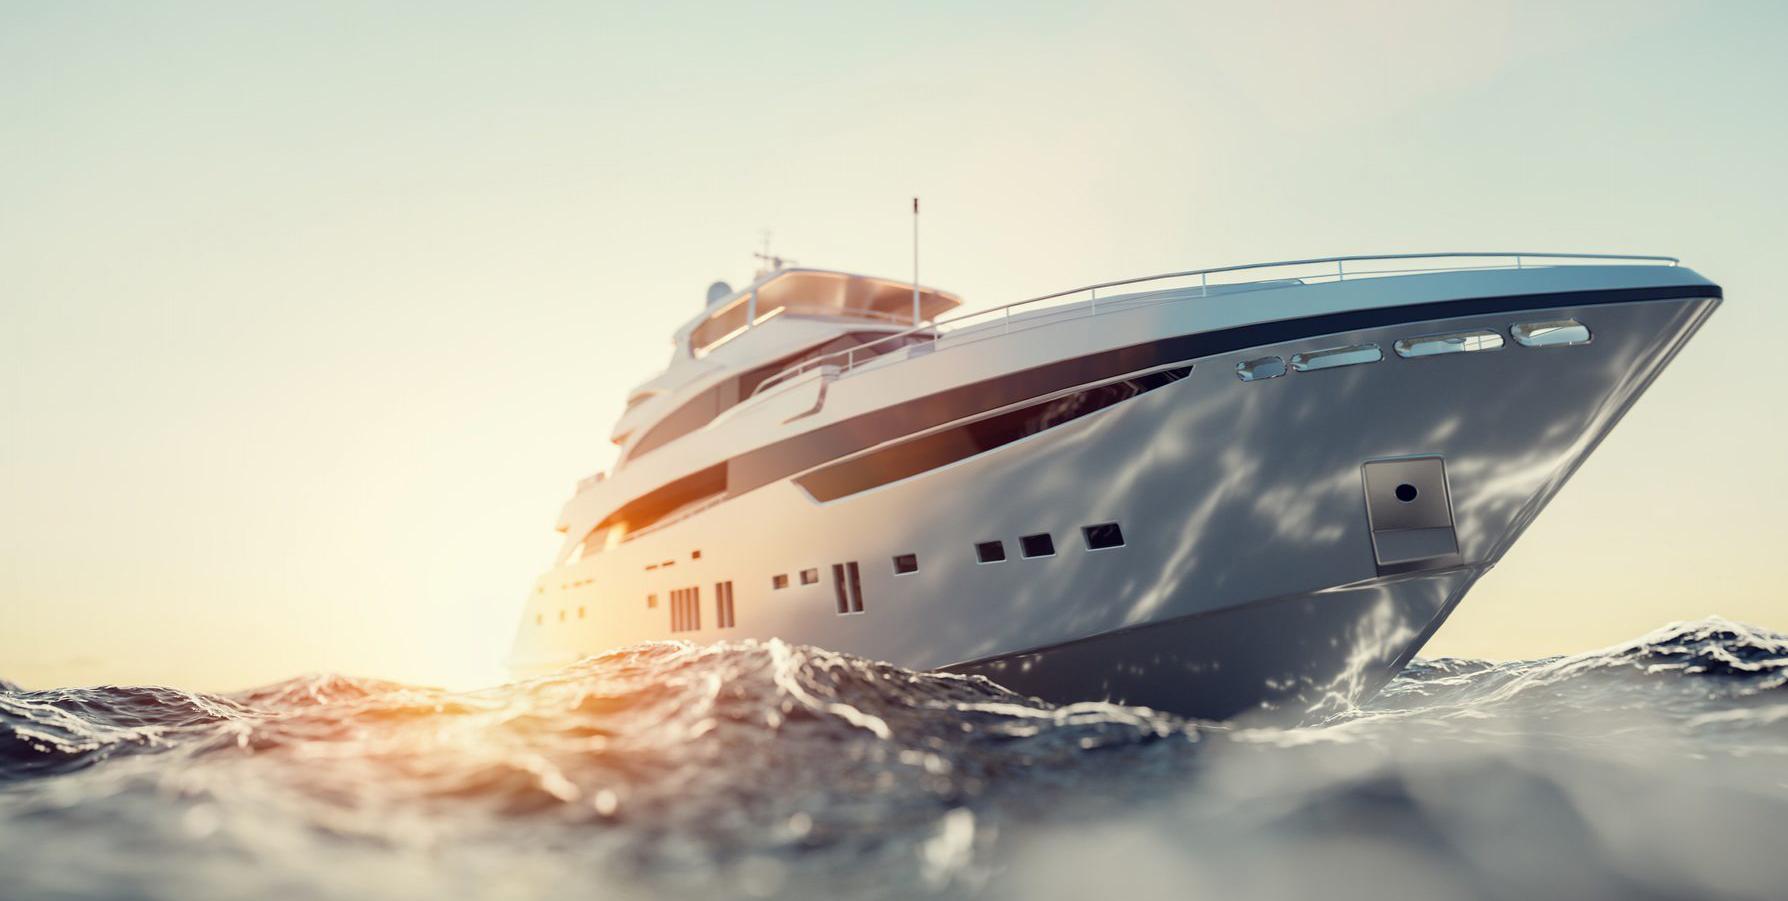 Luxury motor yacht on the ocean at sunset.